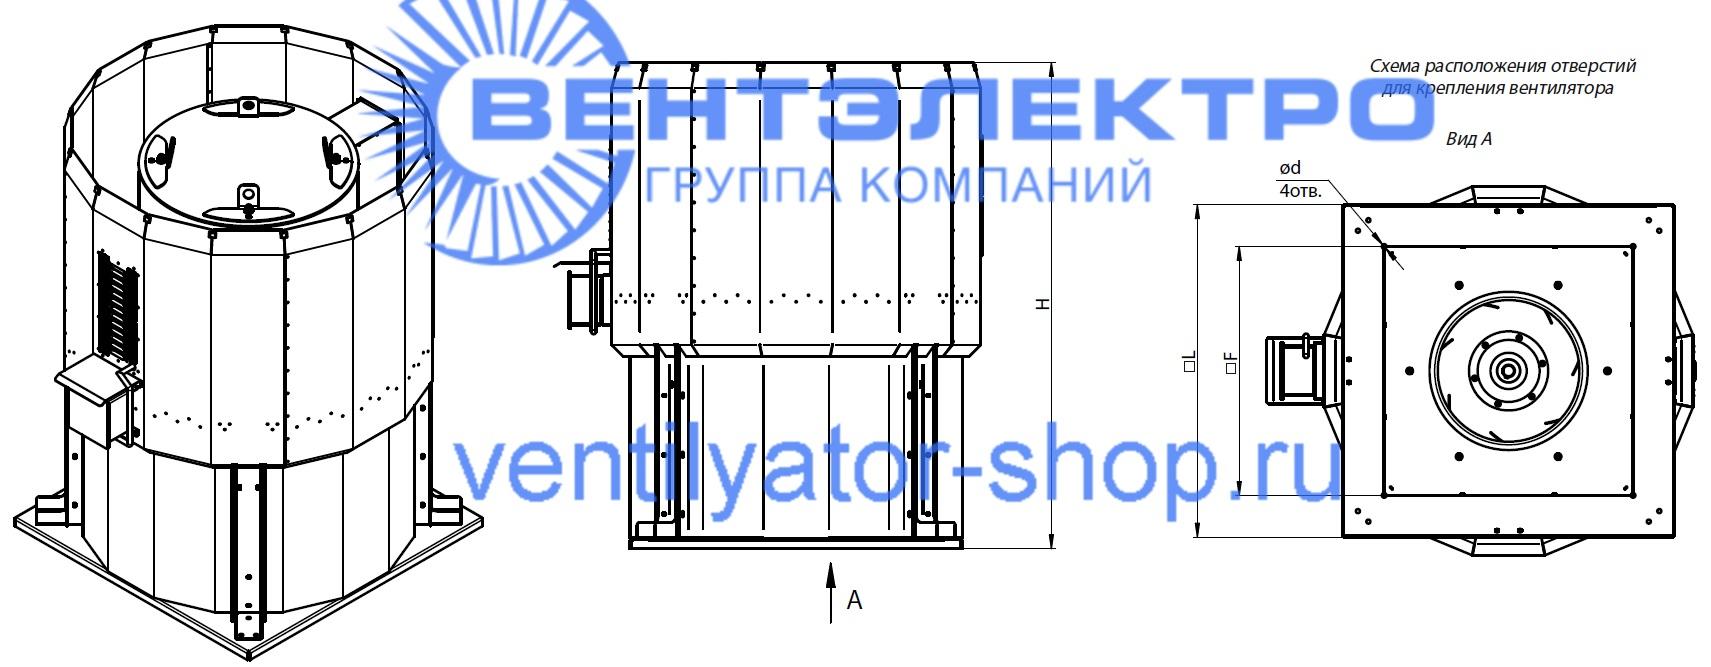 Габаритные и присоединительные размеры канального вентилятора ВКРФм-ДУ 6,3